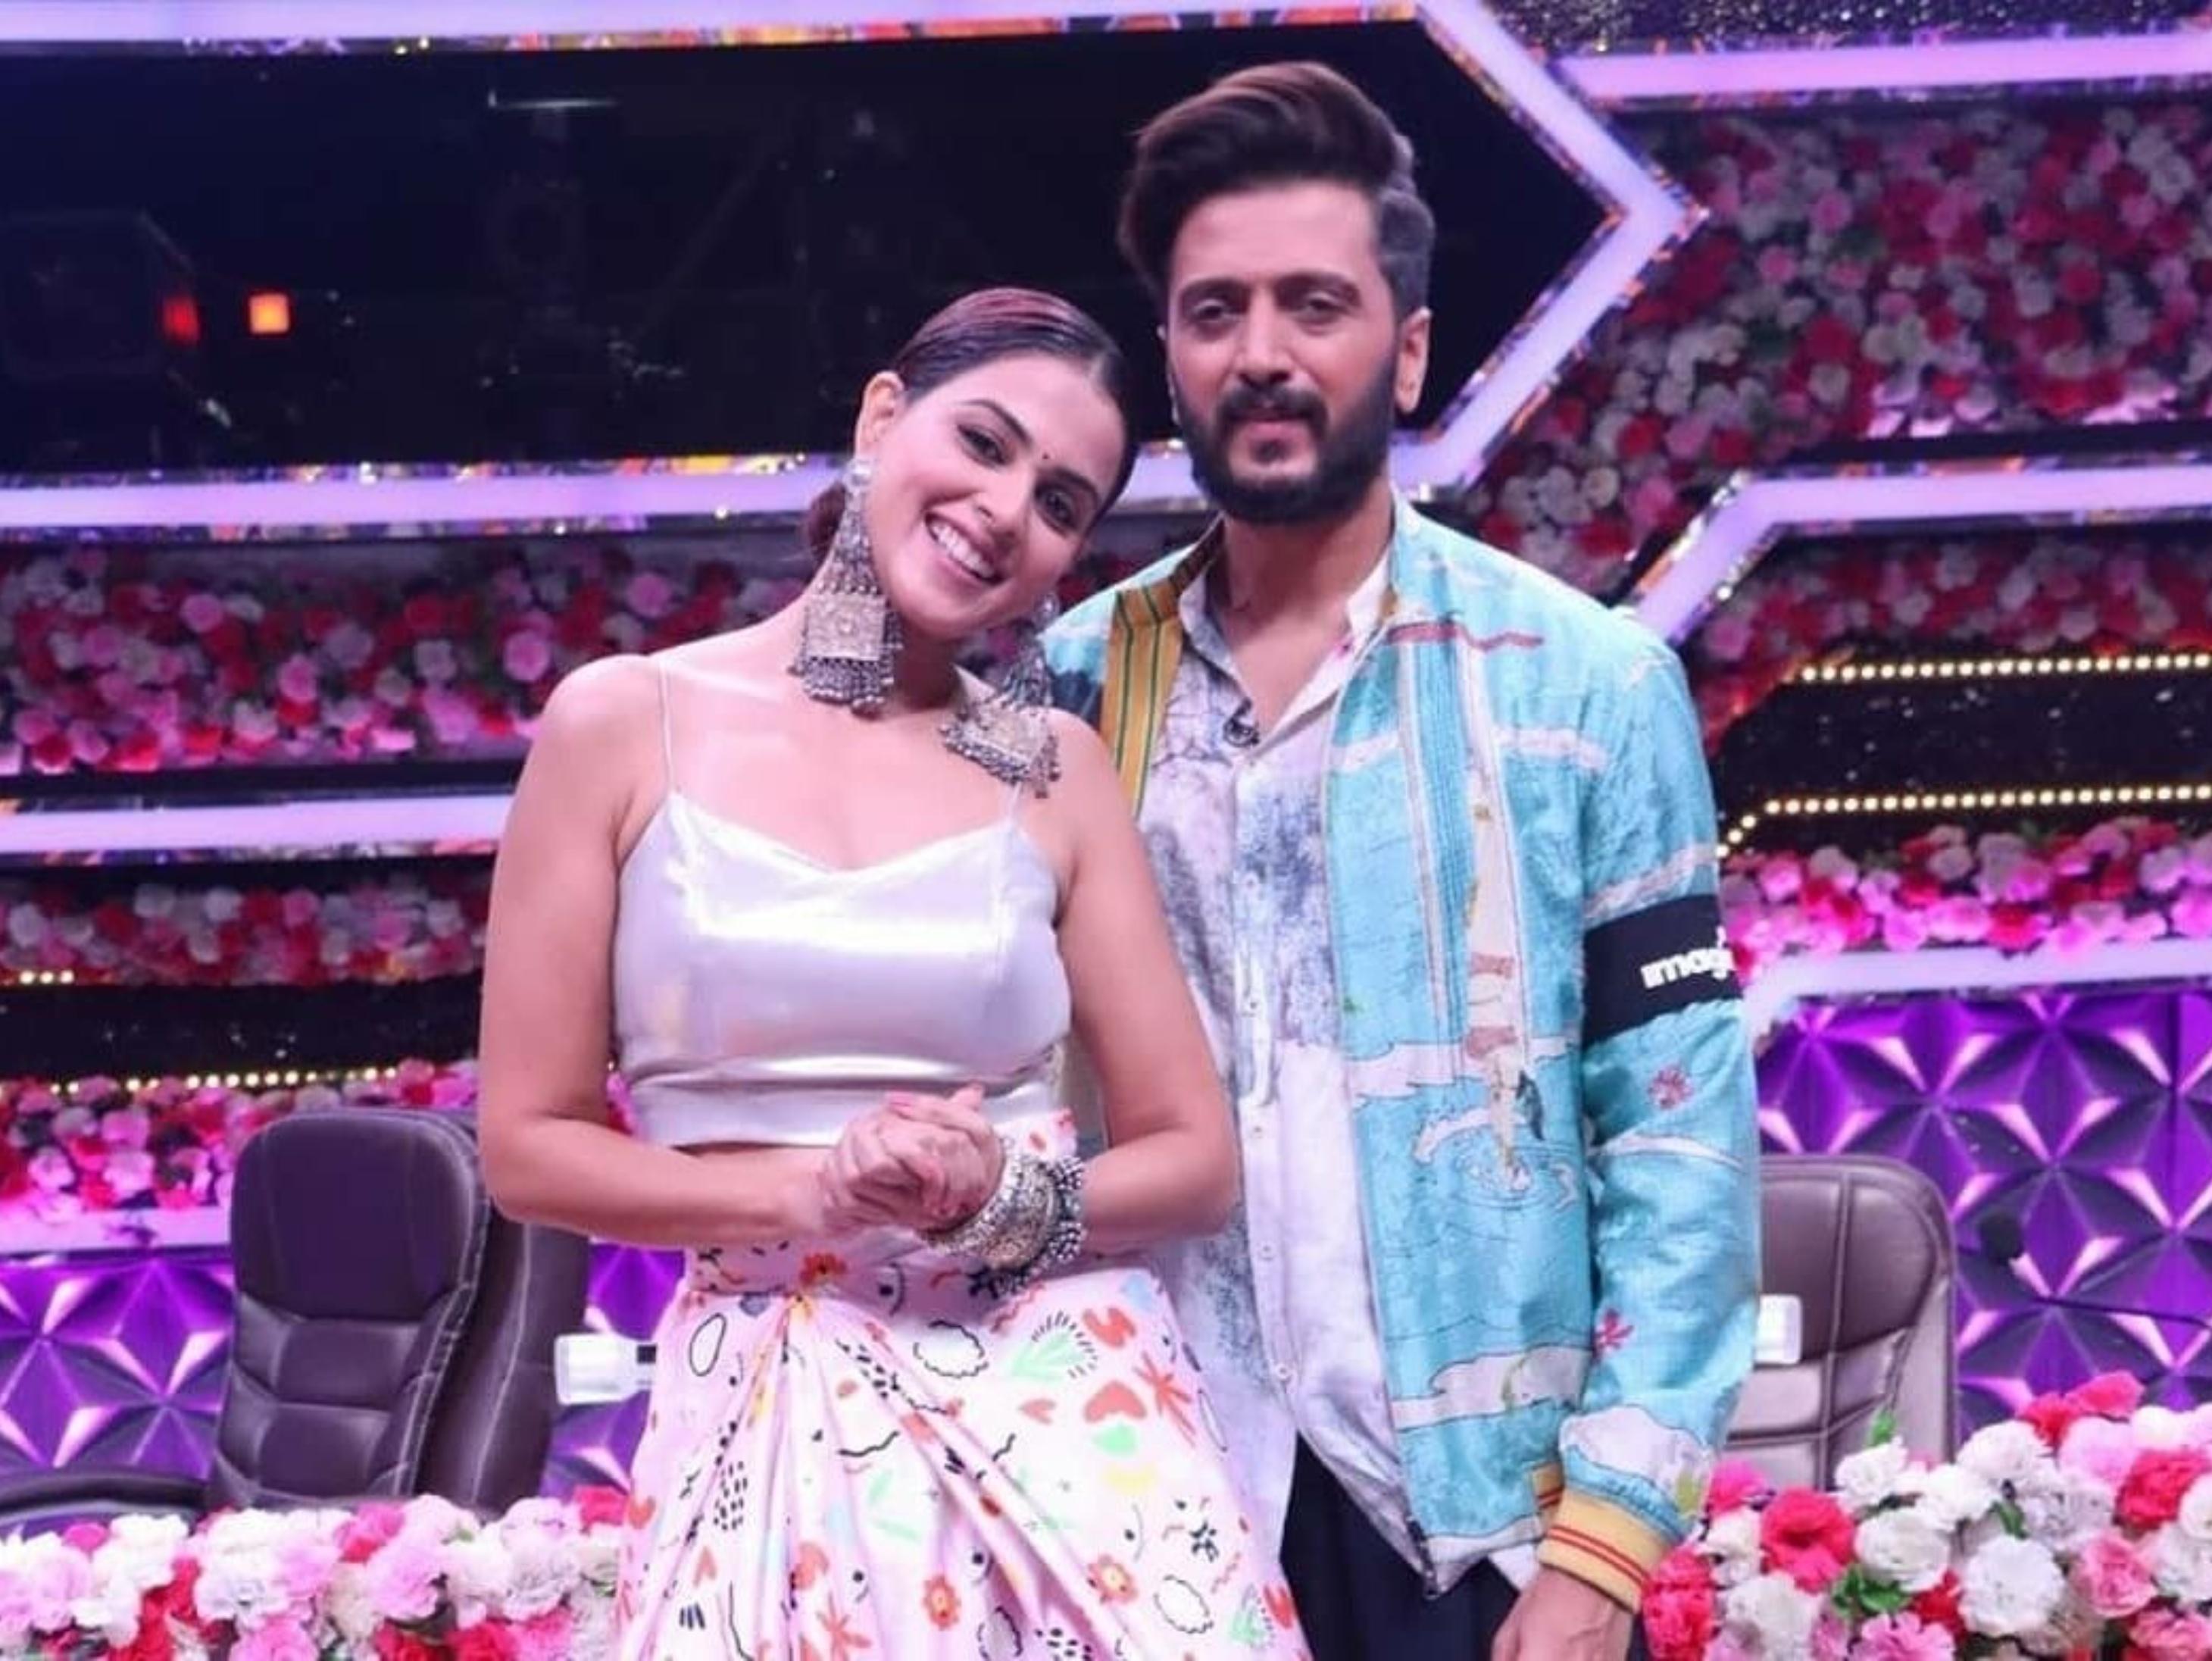 जेनेलिया डिसूजा का खुलासा- अपनी शादी में रितेश देशमुख को 8 बार छूने पड़े थे दुल्हन के पैर|टीवी,TV - Dainik Bhaskar